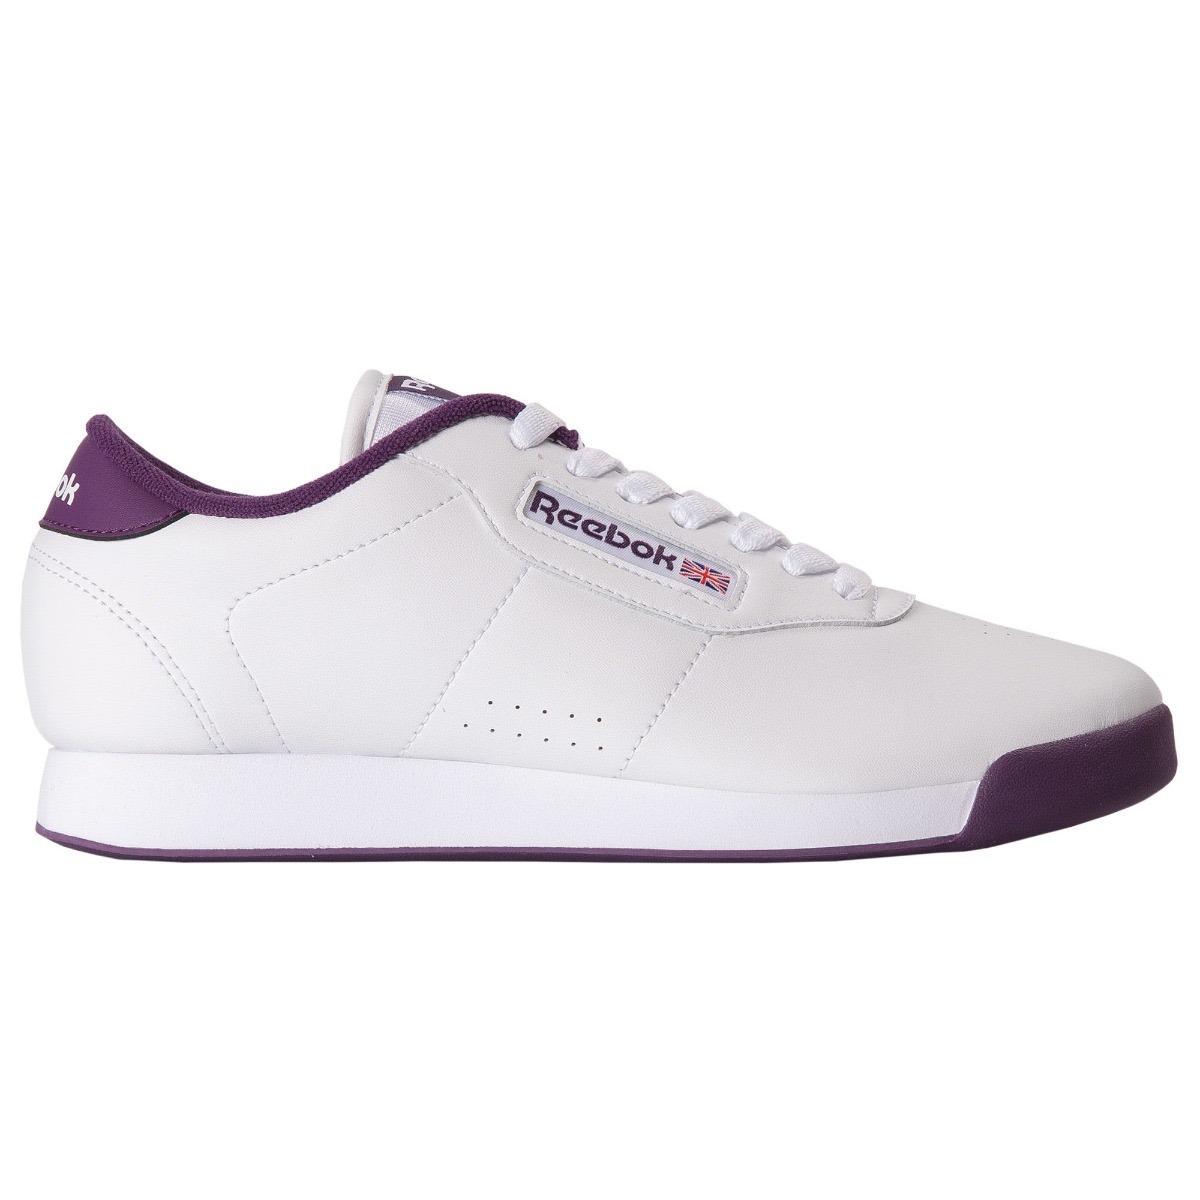 54de0db179d Tenis adidas neo para mujer dama coneo color blanco casual cargando zoom  jpg 1200x1200 Tennis adidas